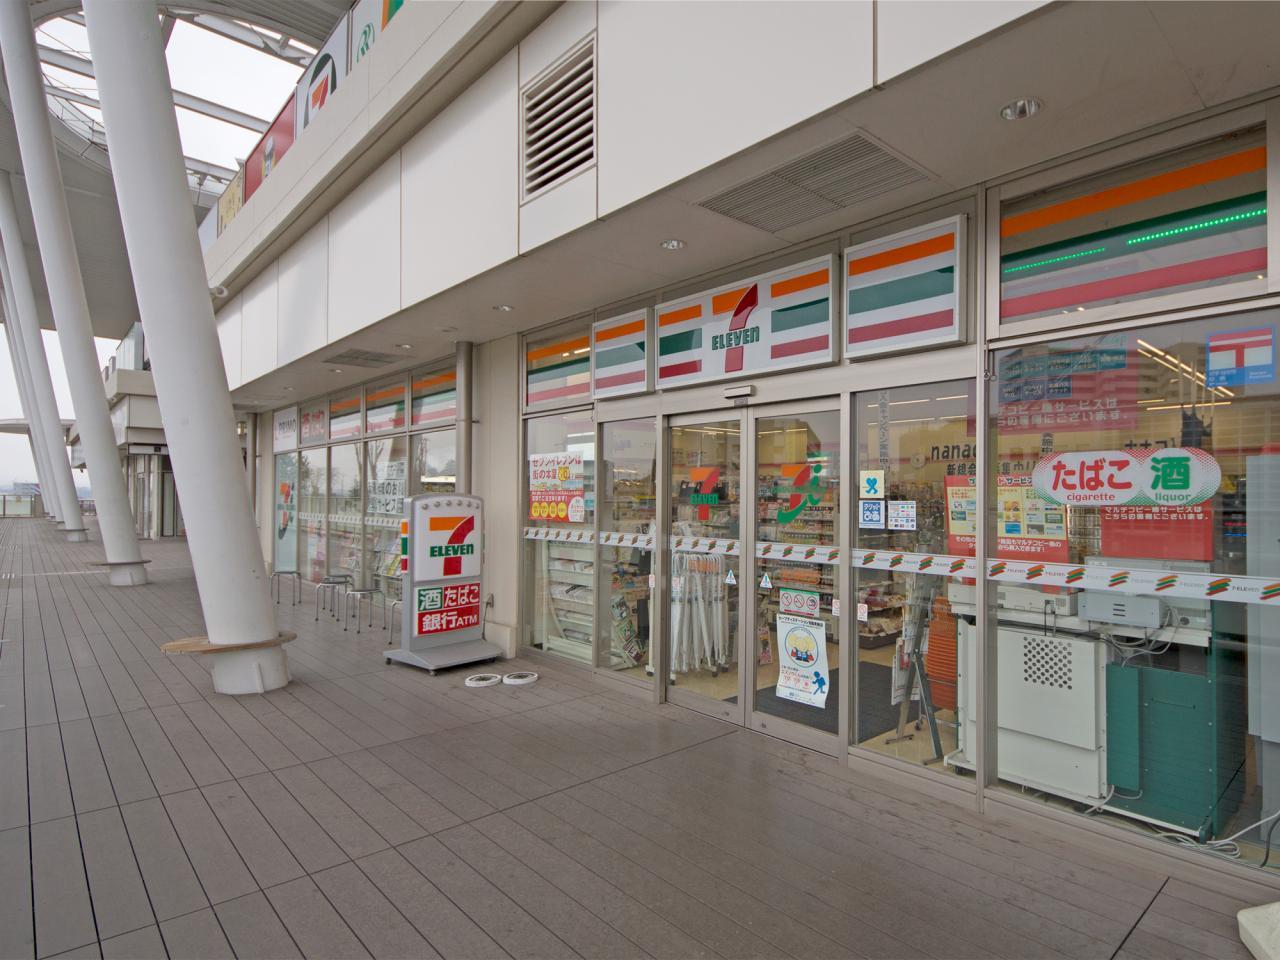 セブン-イレブン 狭山市駅西口店